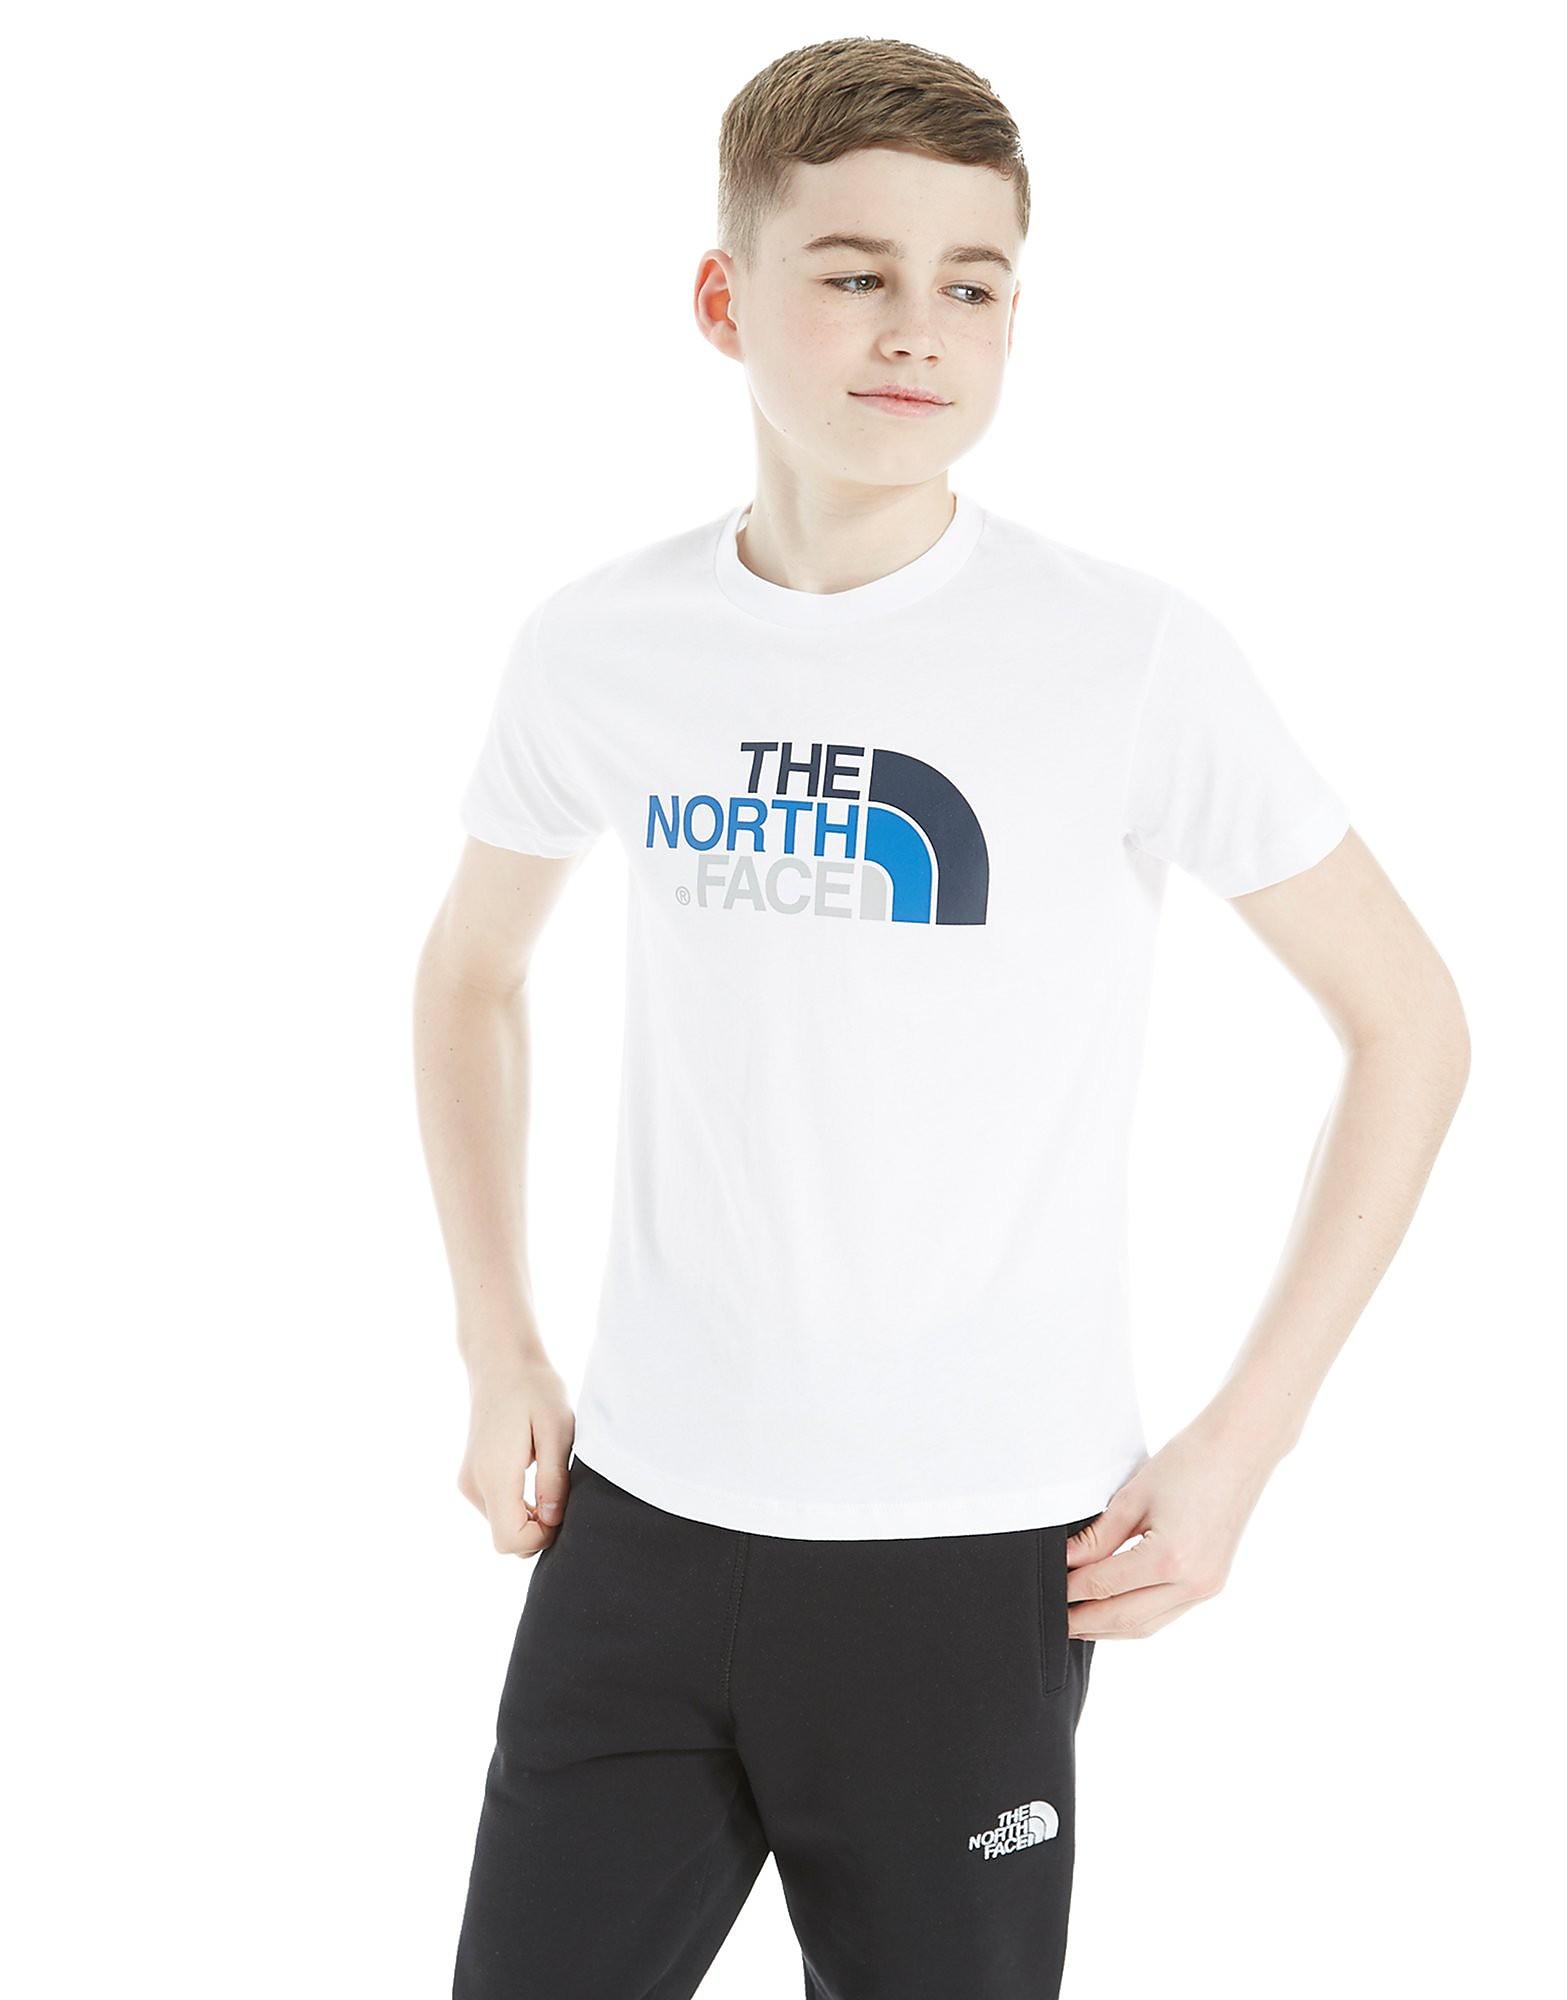 The North Face camiseta Easy júnior